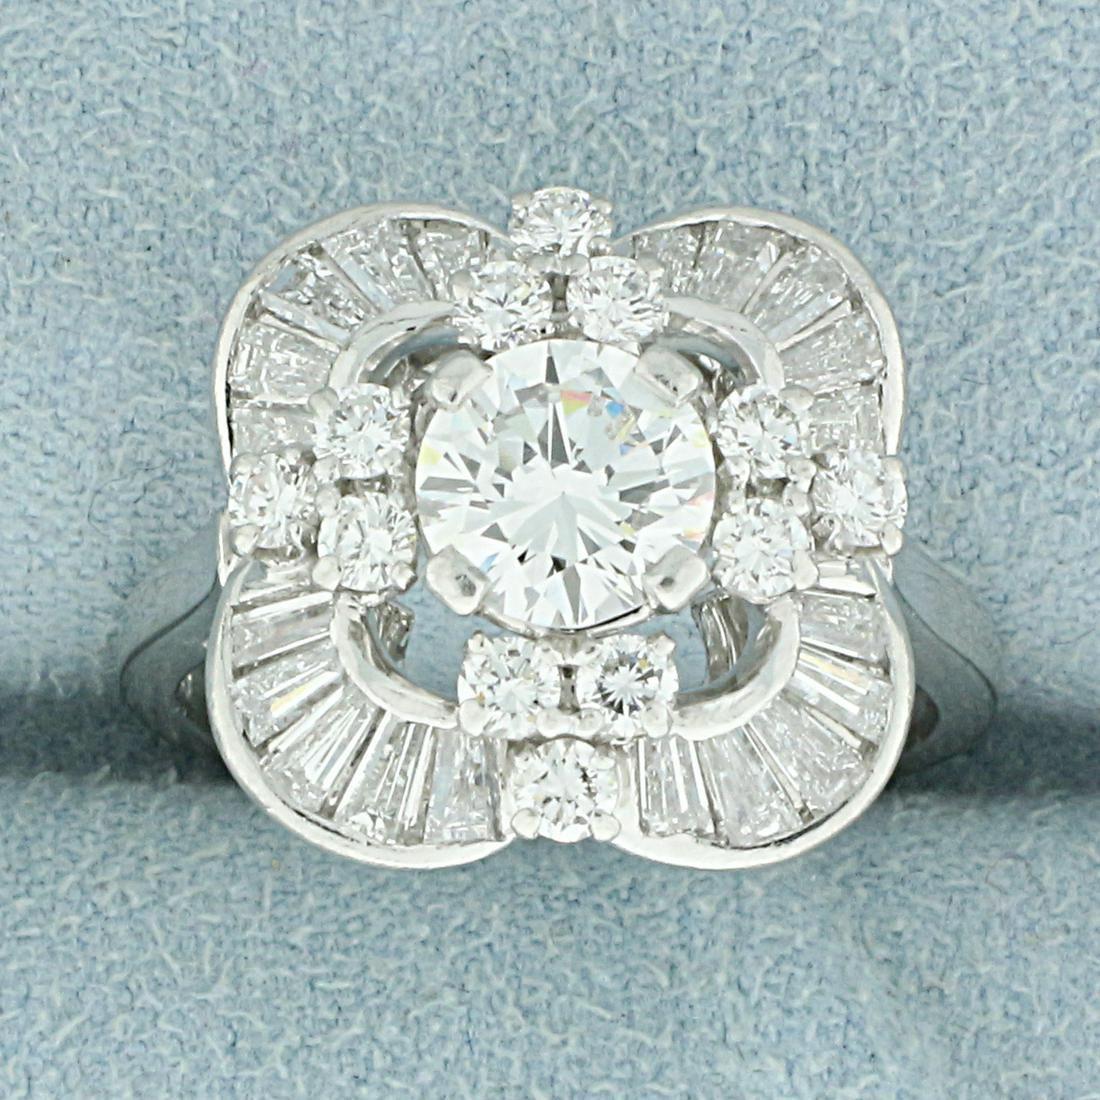 Unique Custom Designed 2.5ct TW Diamond Ring in